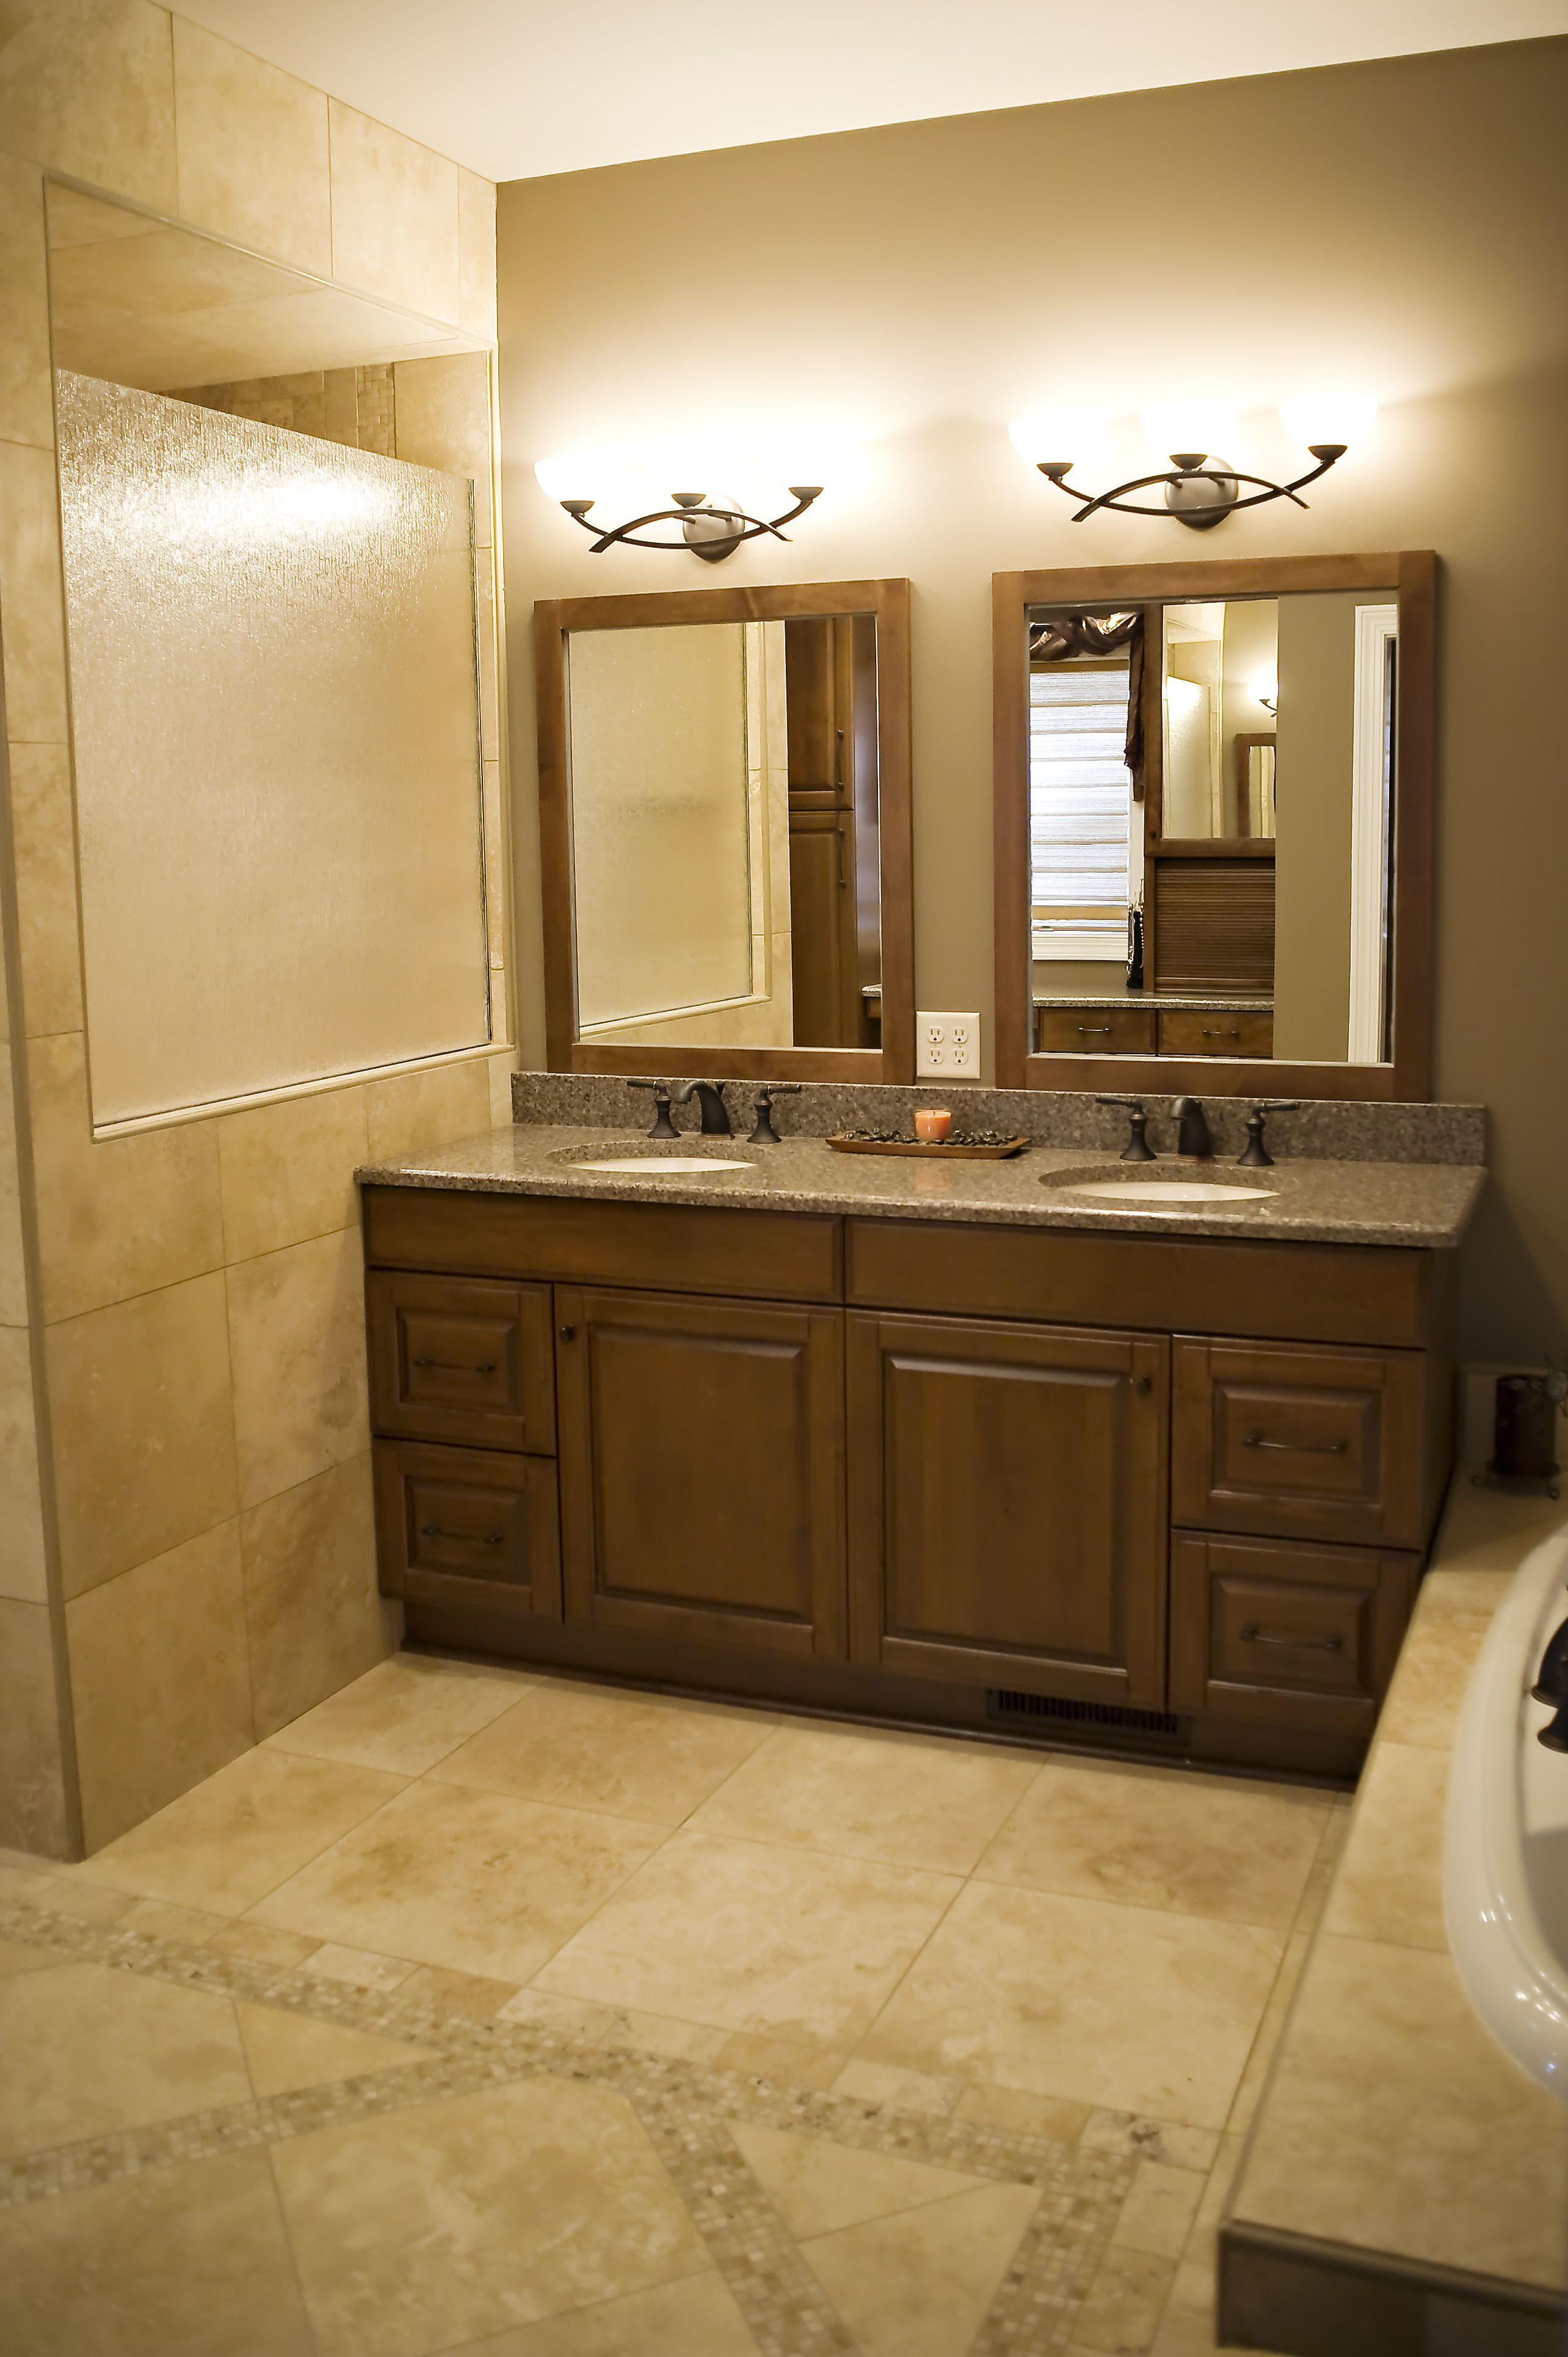 His And Her Vanity Modern Bathroom Vanity Bathroom Remodel Small Diy Small Bathroom Remodel